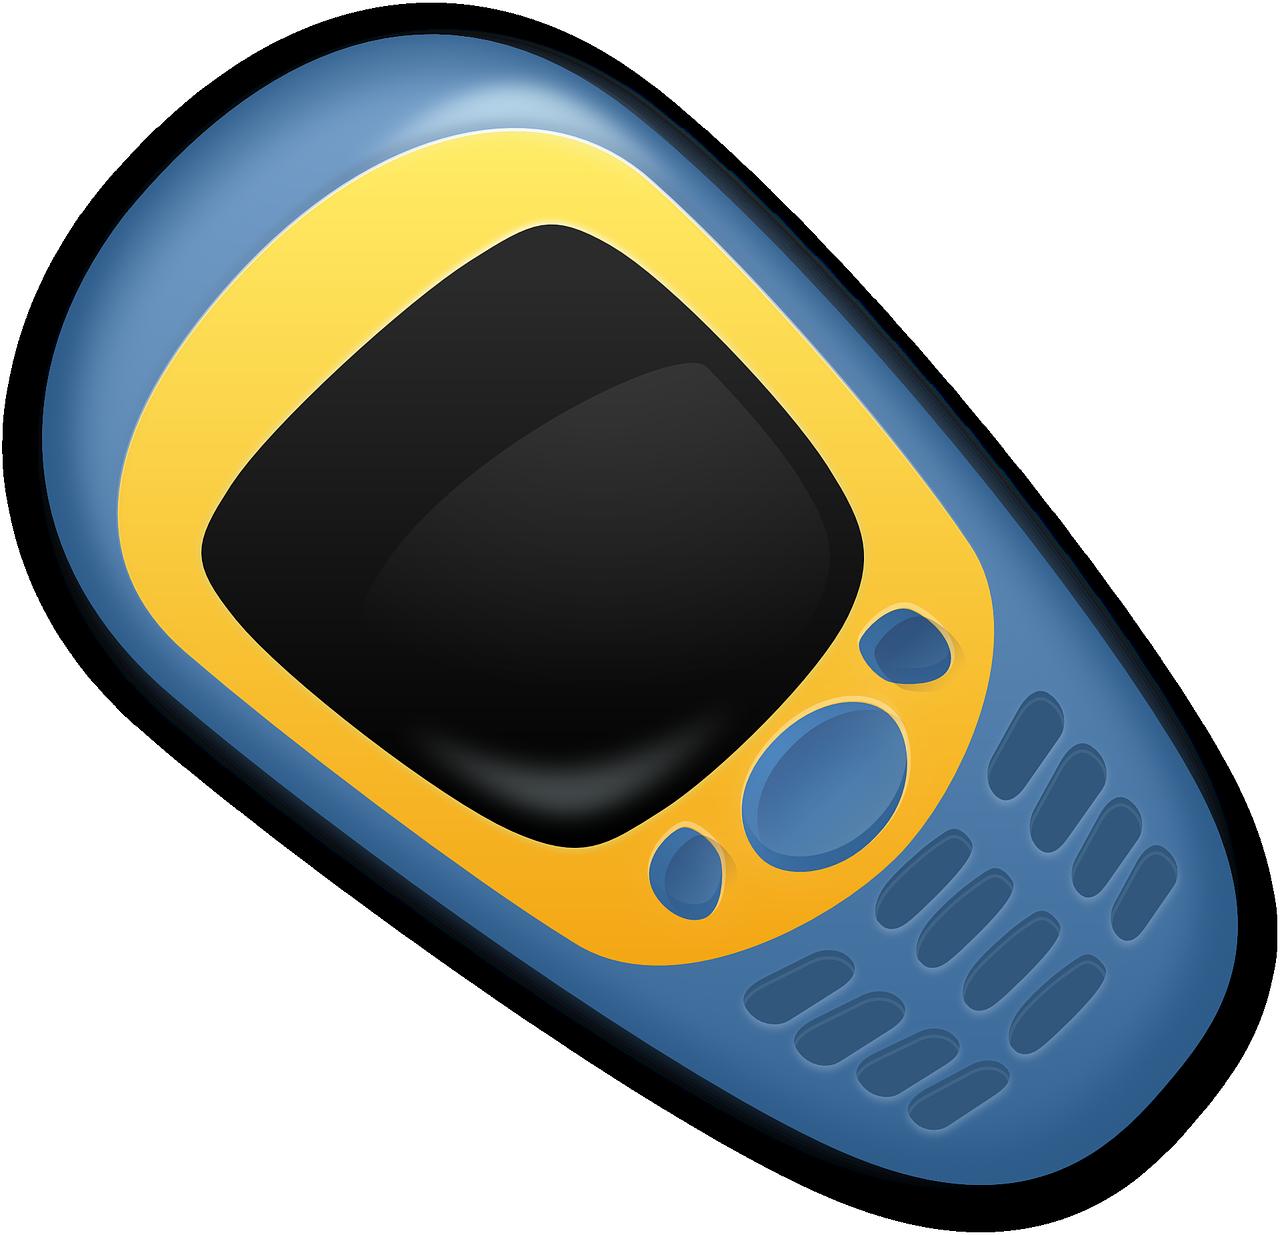 Открытки, картинки мобильного телефона на прозрачном фоне